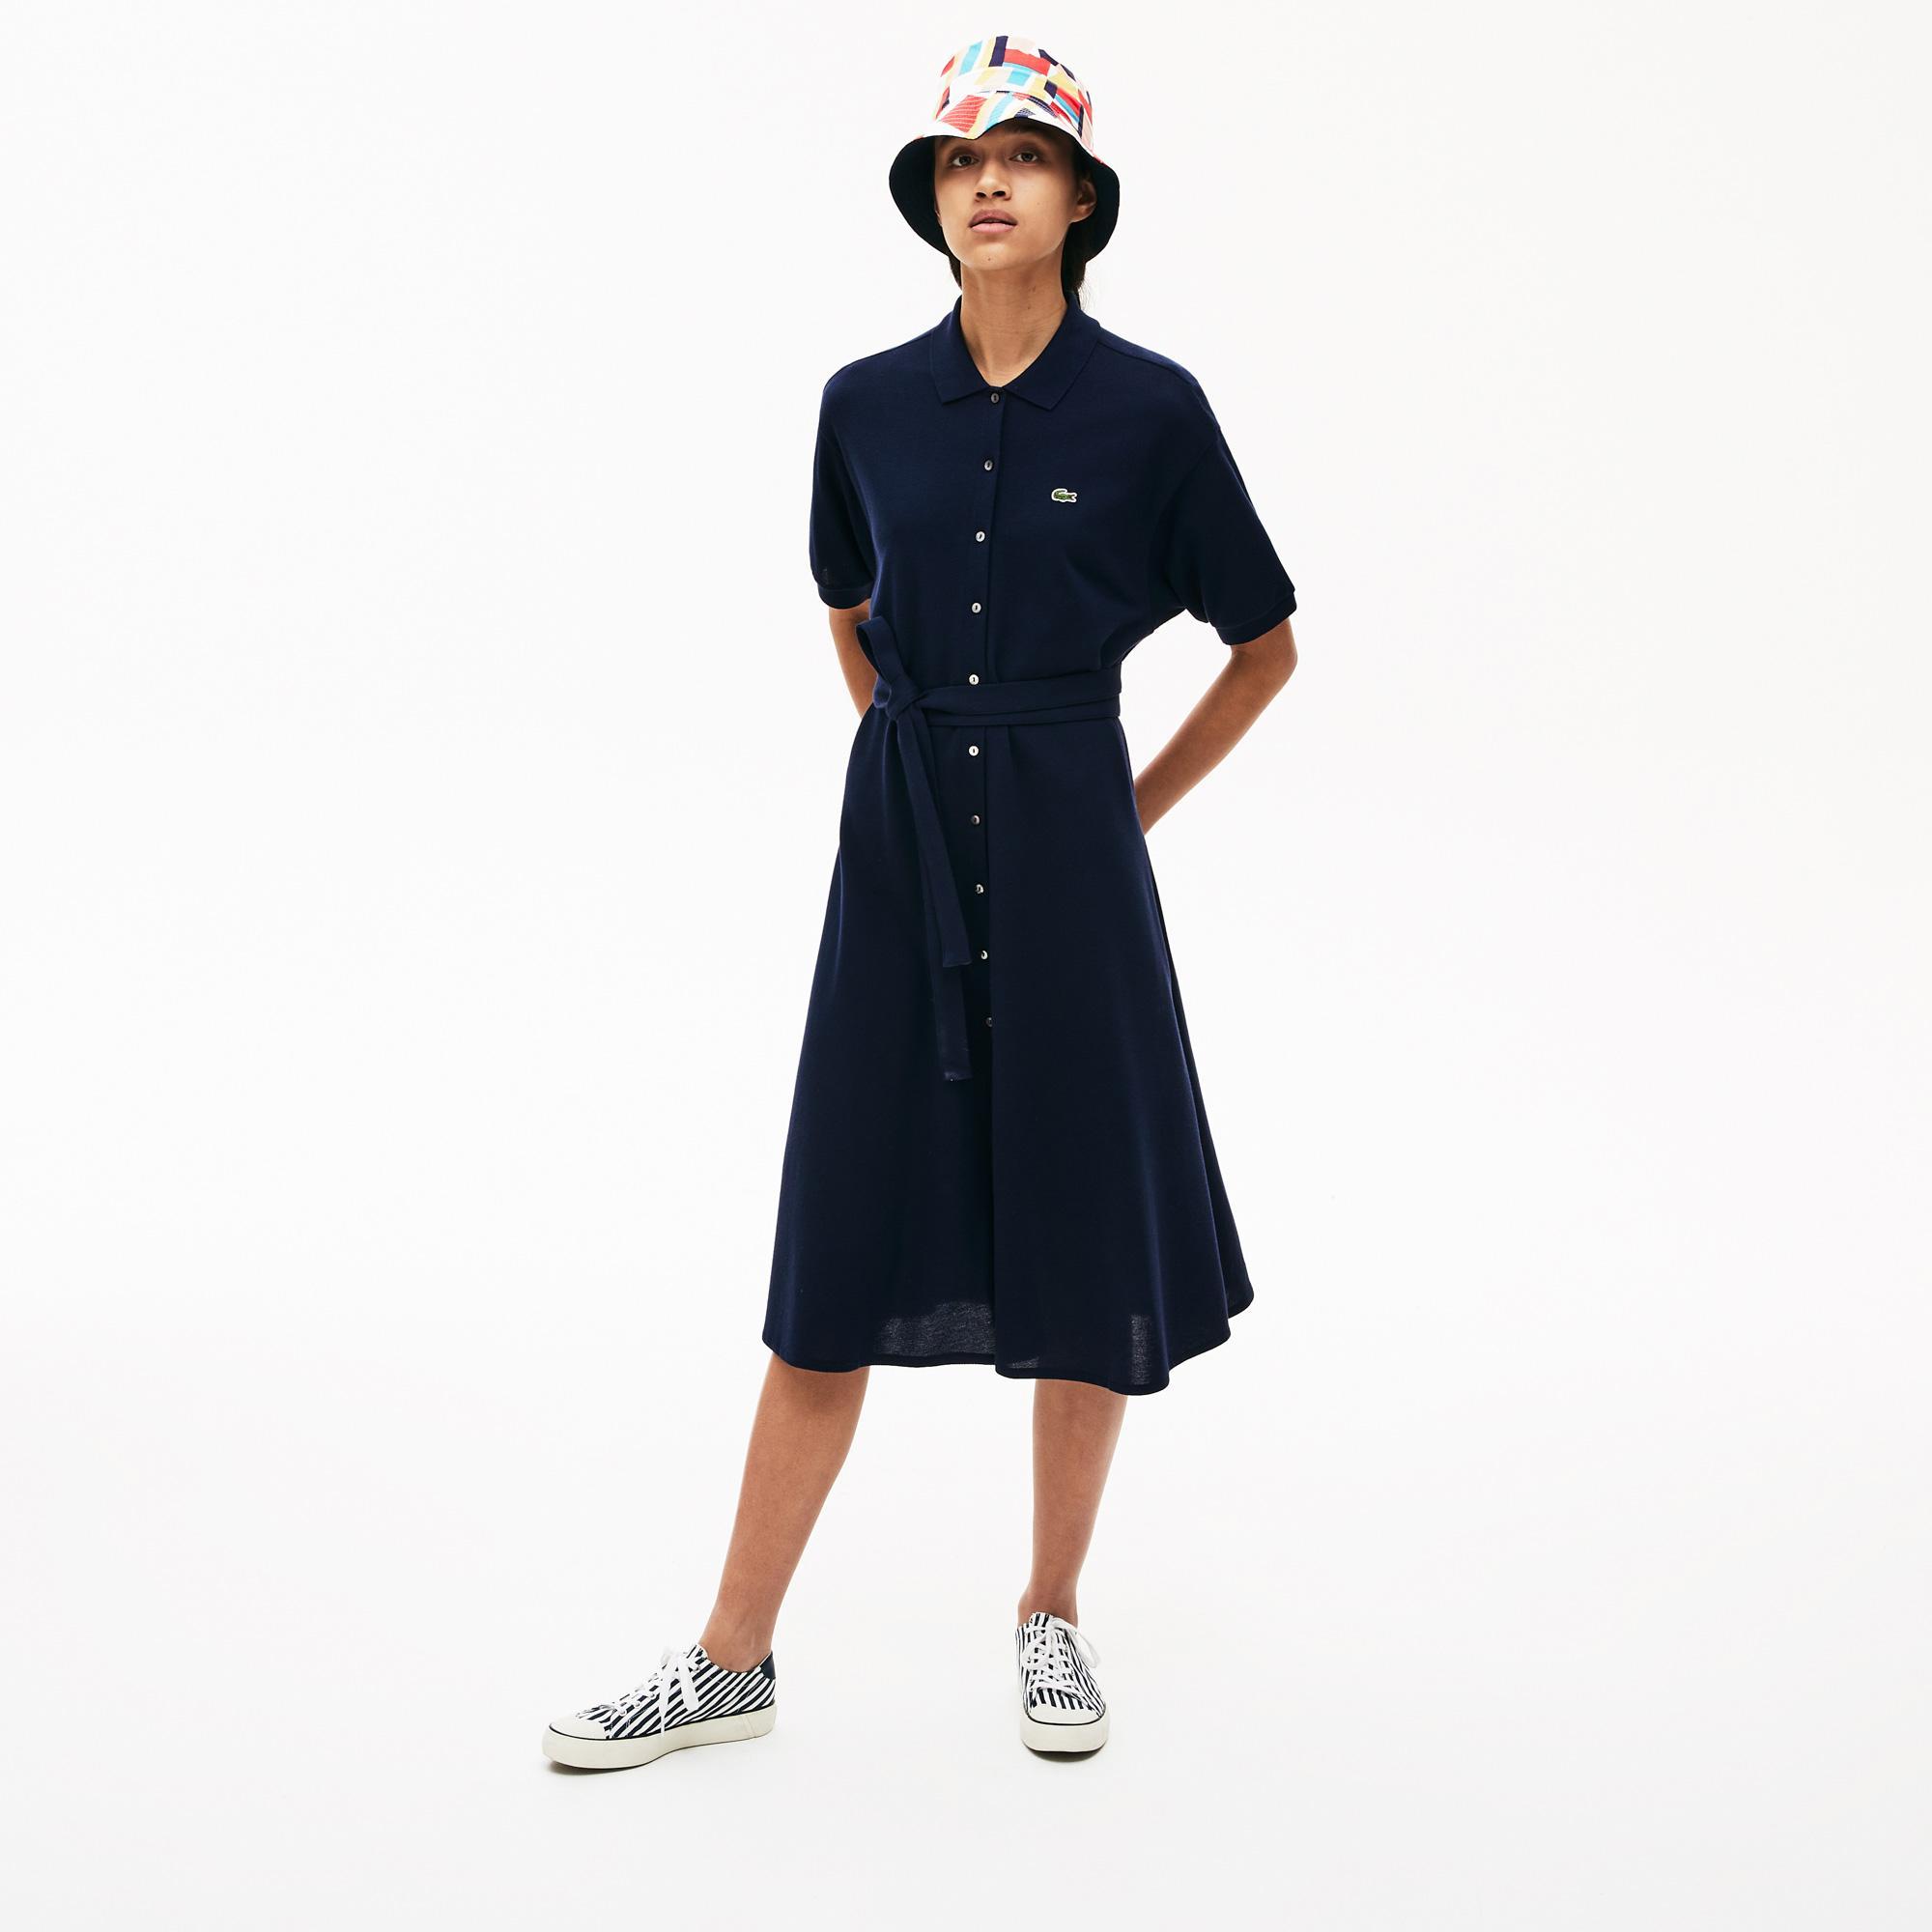 Lacoste Women's Cotton Piqué Belted Polo Dress